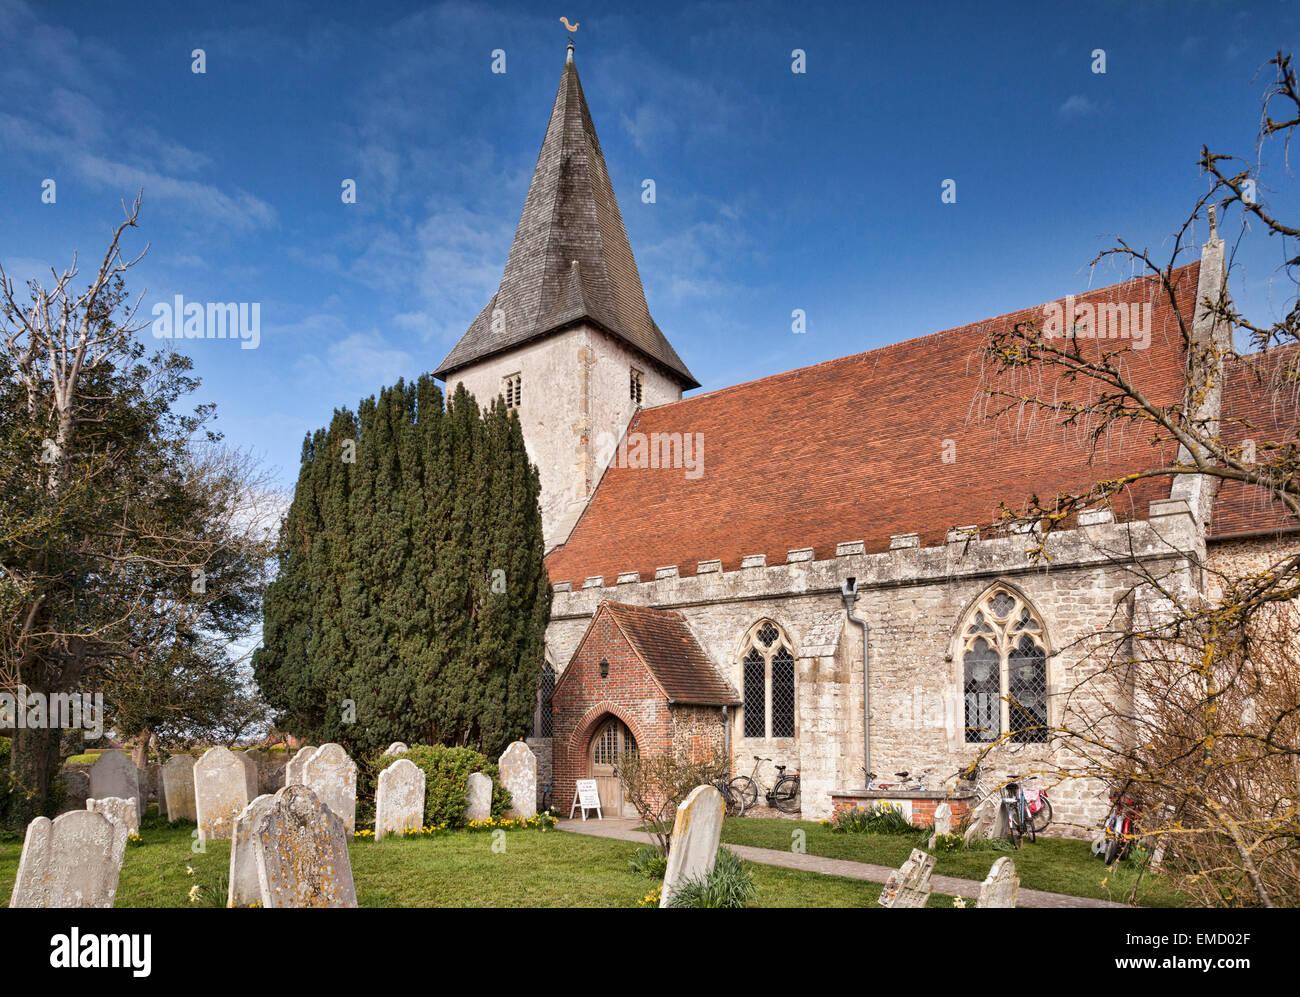 El siglo xiv, la Iglesia de la Santísima Trinidad en Bosham, West Sussex, Inglaterra Imagen De Stock